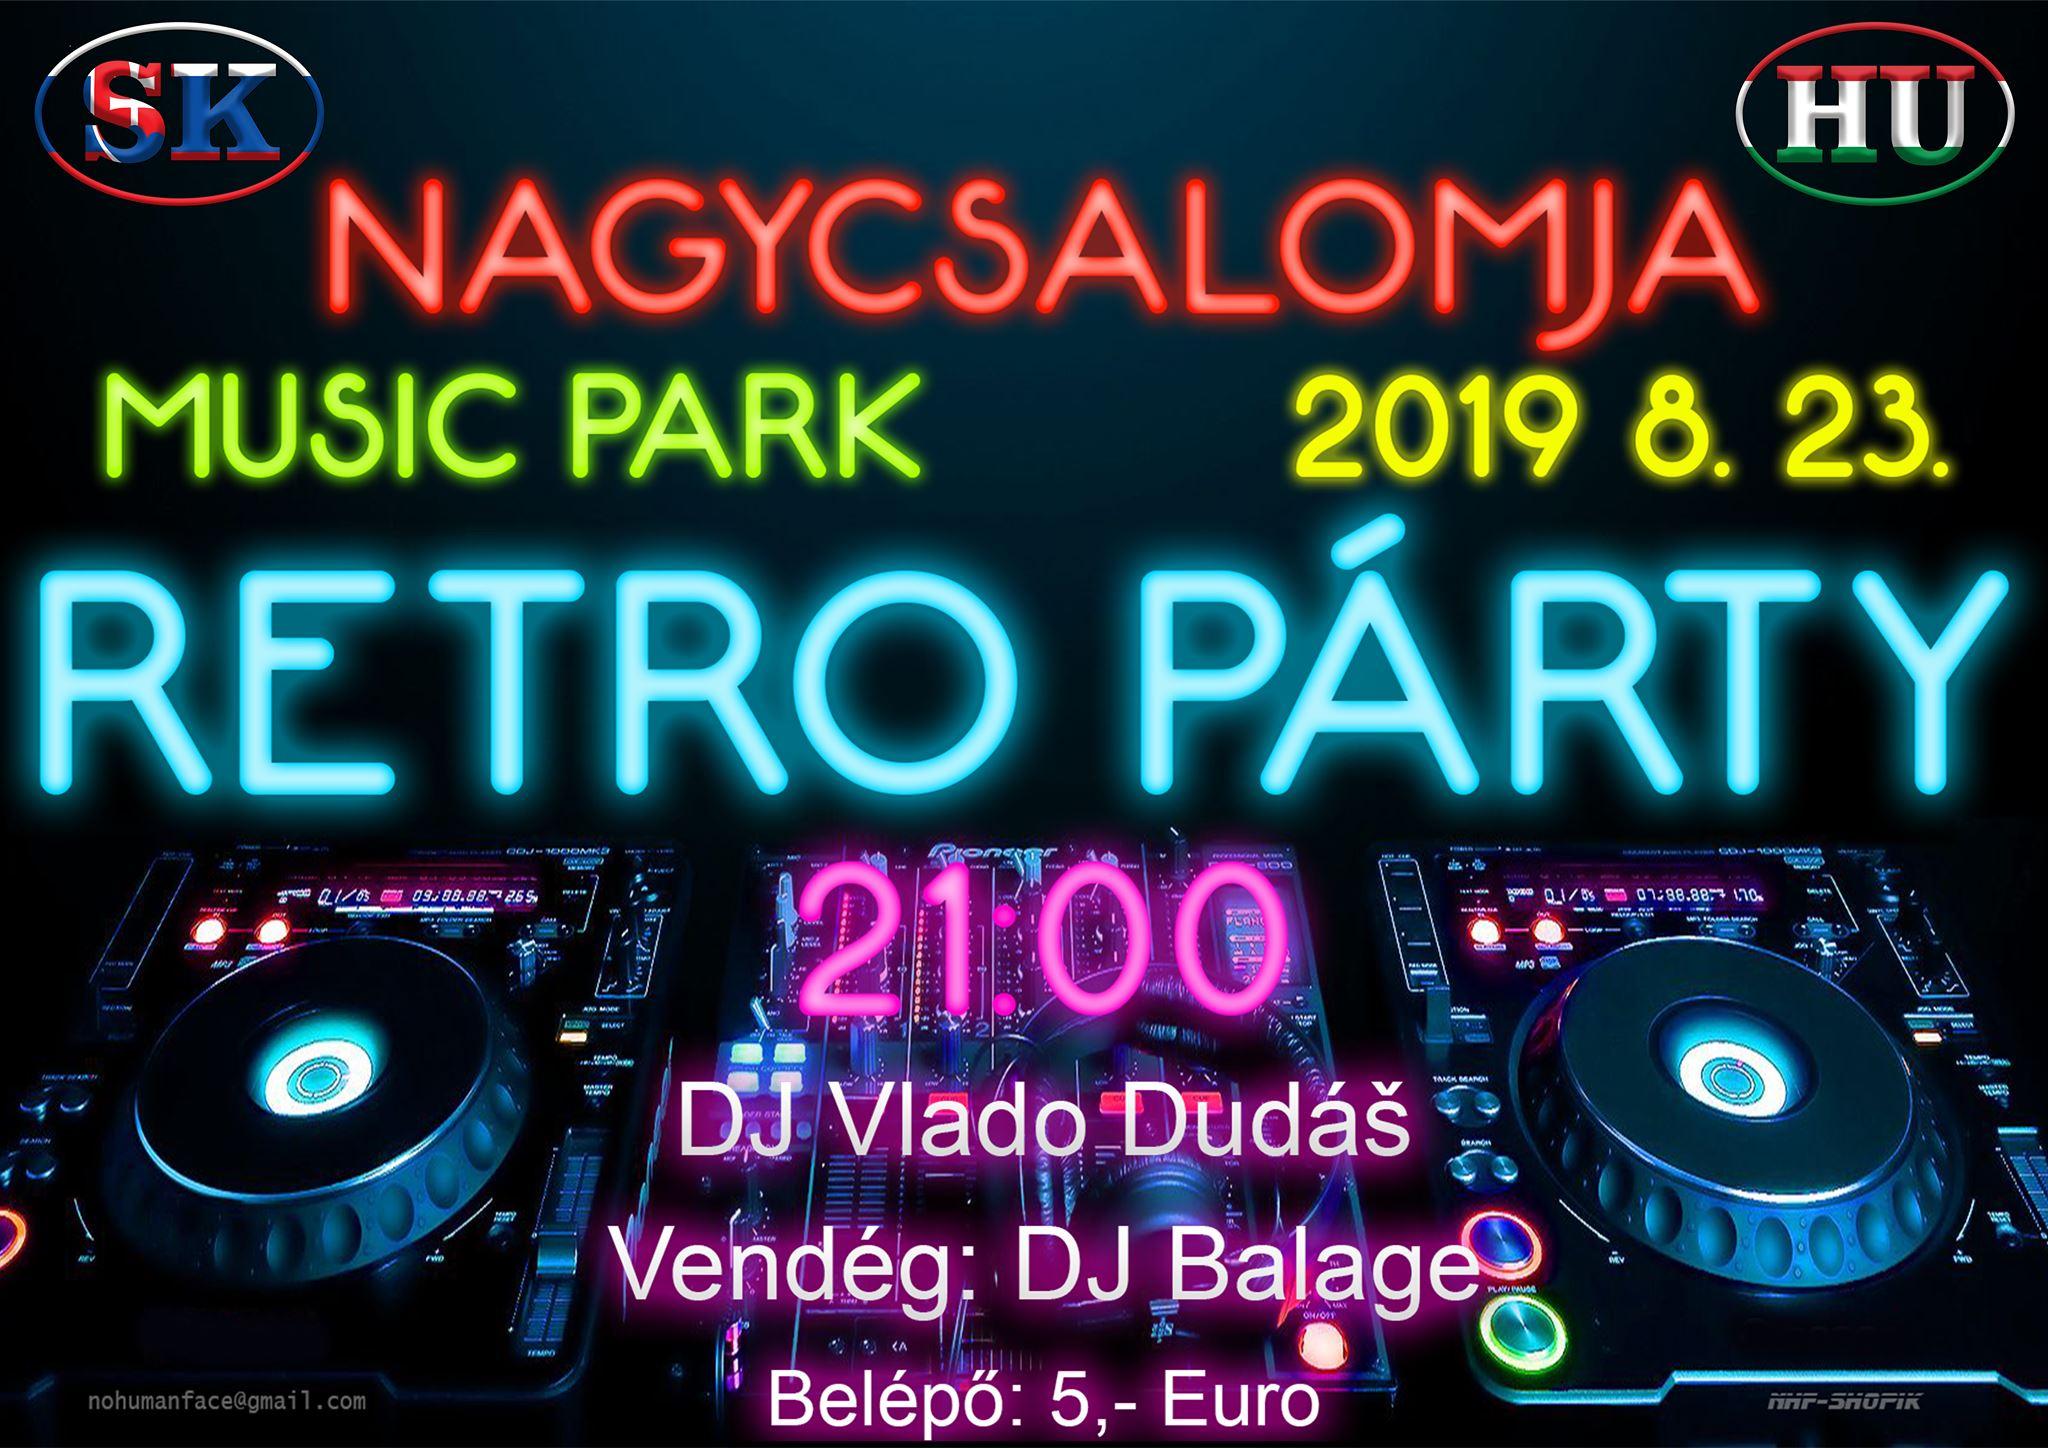 RETRO PÁRTY - Vladimír Dudáš és Balázs Szabó Balage -A RÉGIÓ legnagyobb nyári disco diszkójának helyszíne